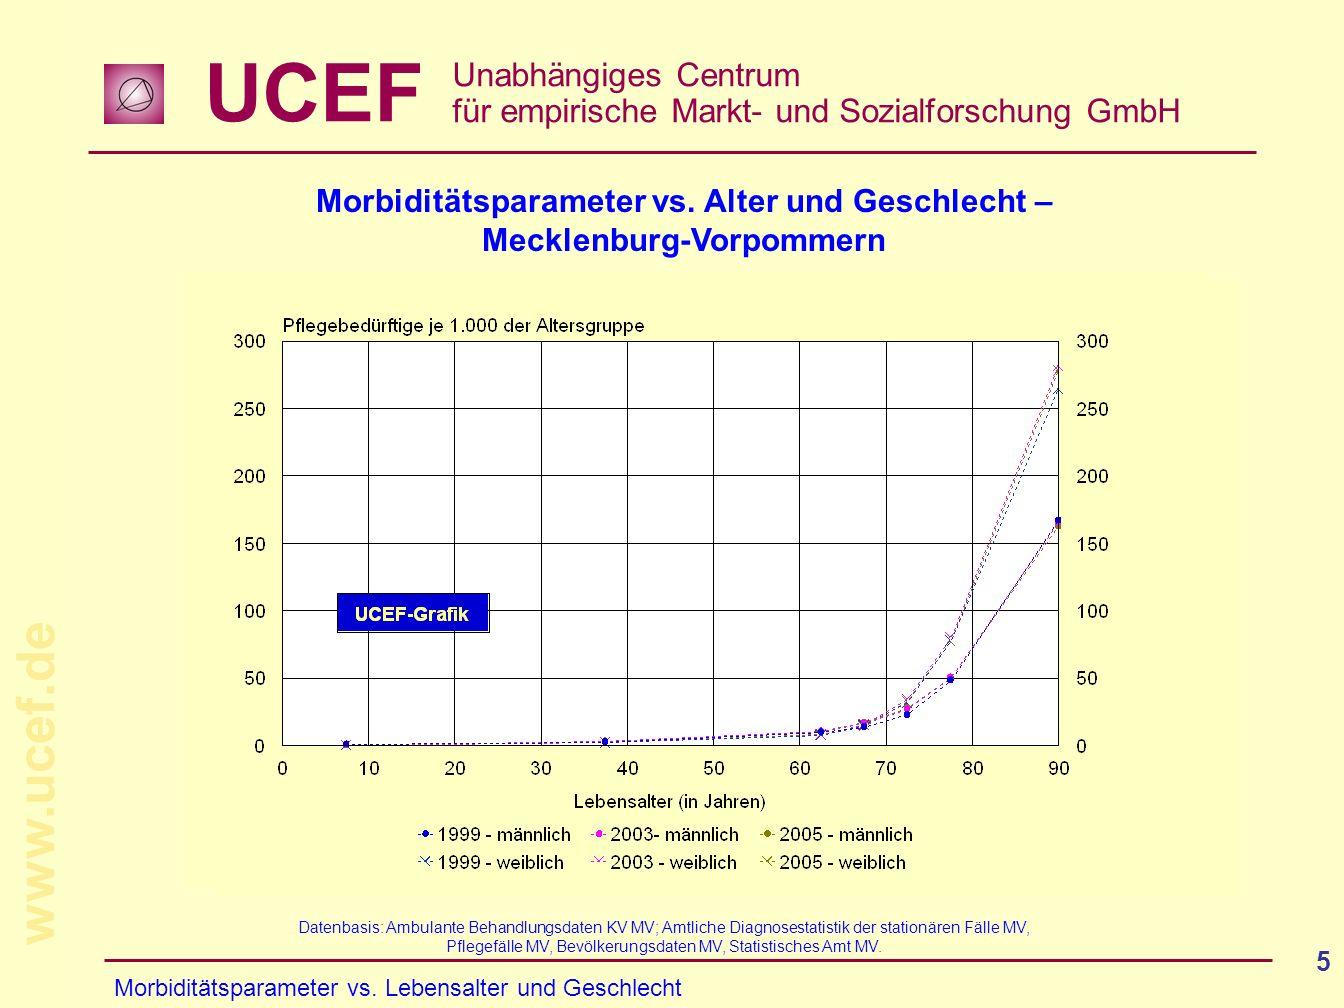 UCEF Unabhängiges Centrum für empirische Markt- und Sozialforschung GmbH www.ucef.de 5 Morbiditätsparameter vs. Alter und Geschlecht – Mecklenburg-Vor